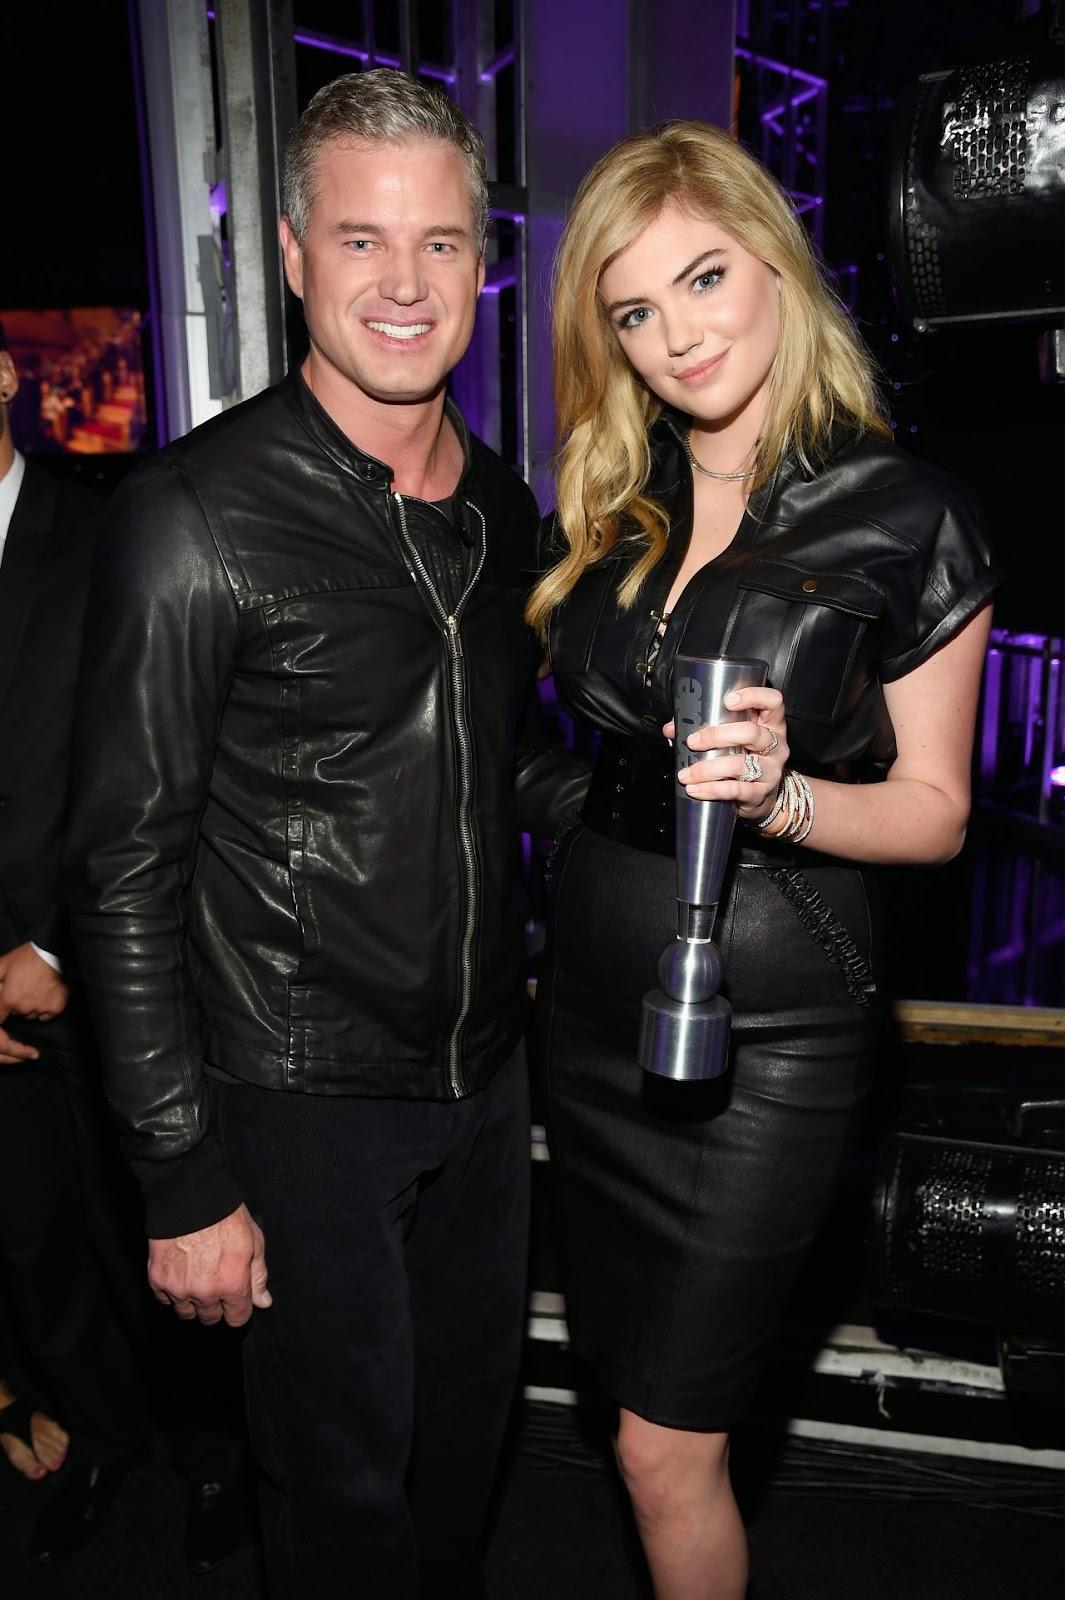 حضور مميز للممثلة الأمريكية كيت ابتون خلال حفل مجلة بيبول